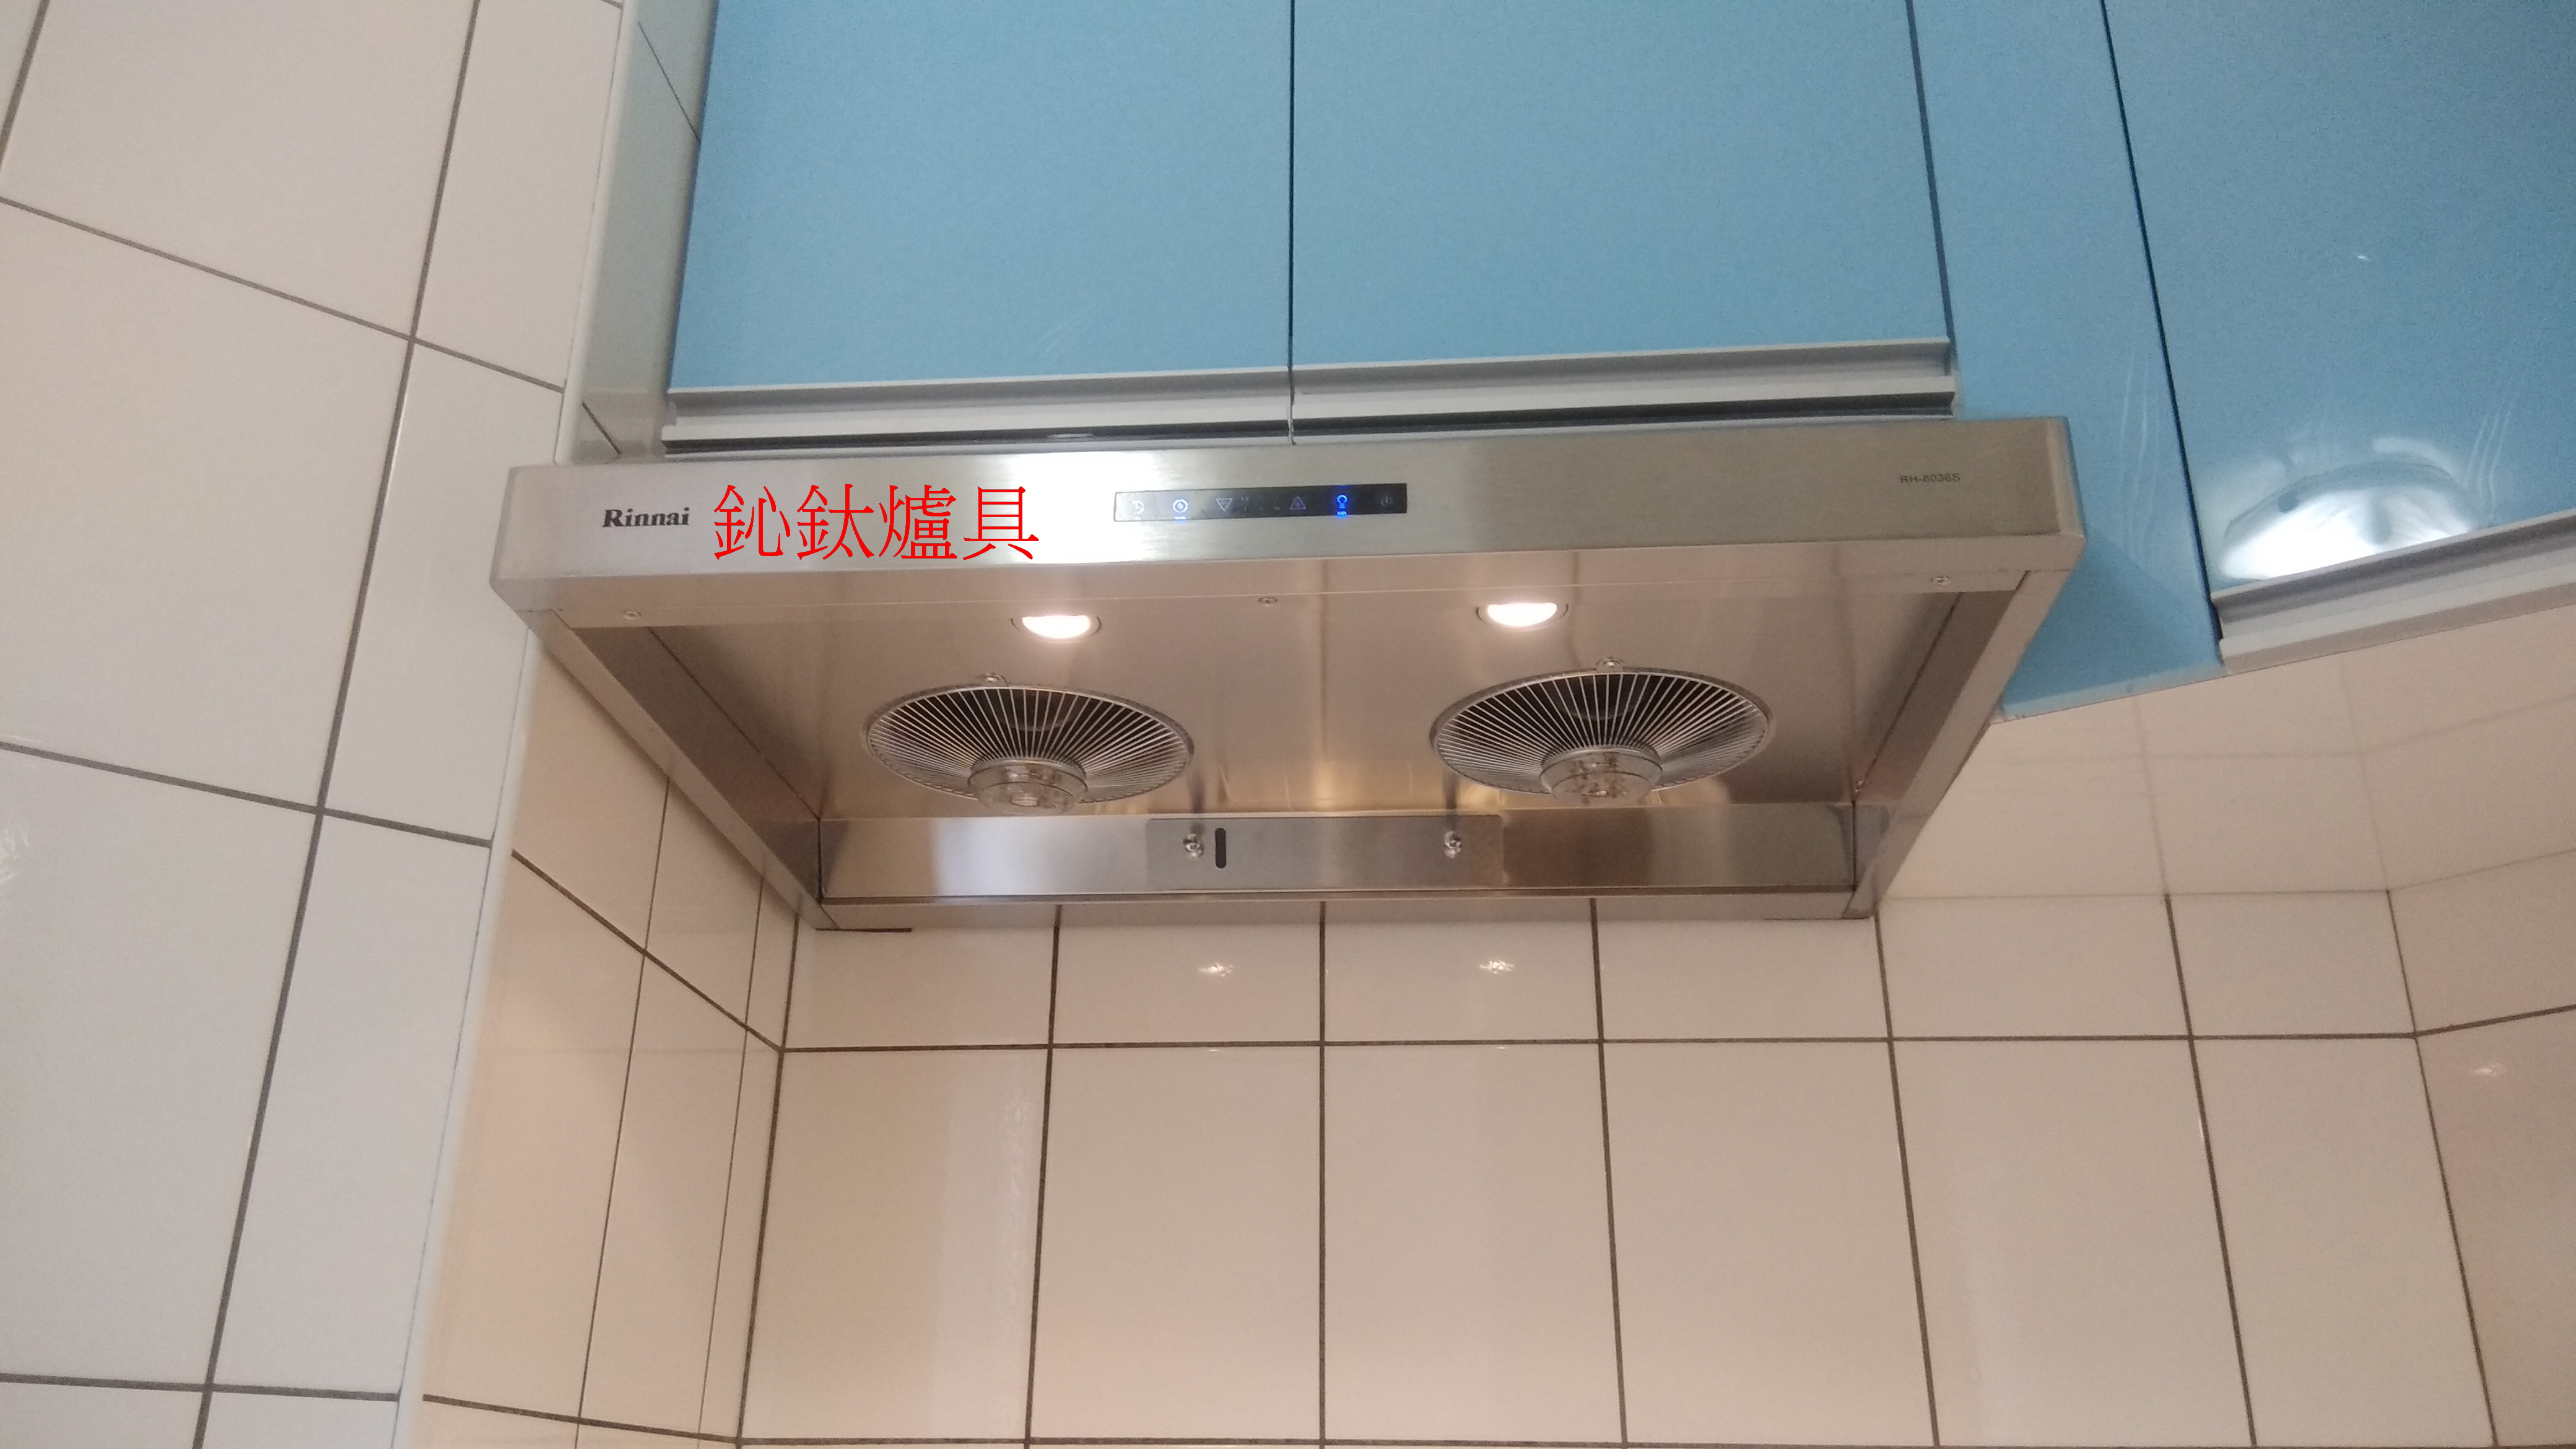 林內排油煙機RH-8036S蒸氣水洗排油煙機(80CM).jpg